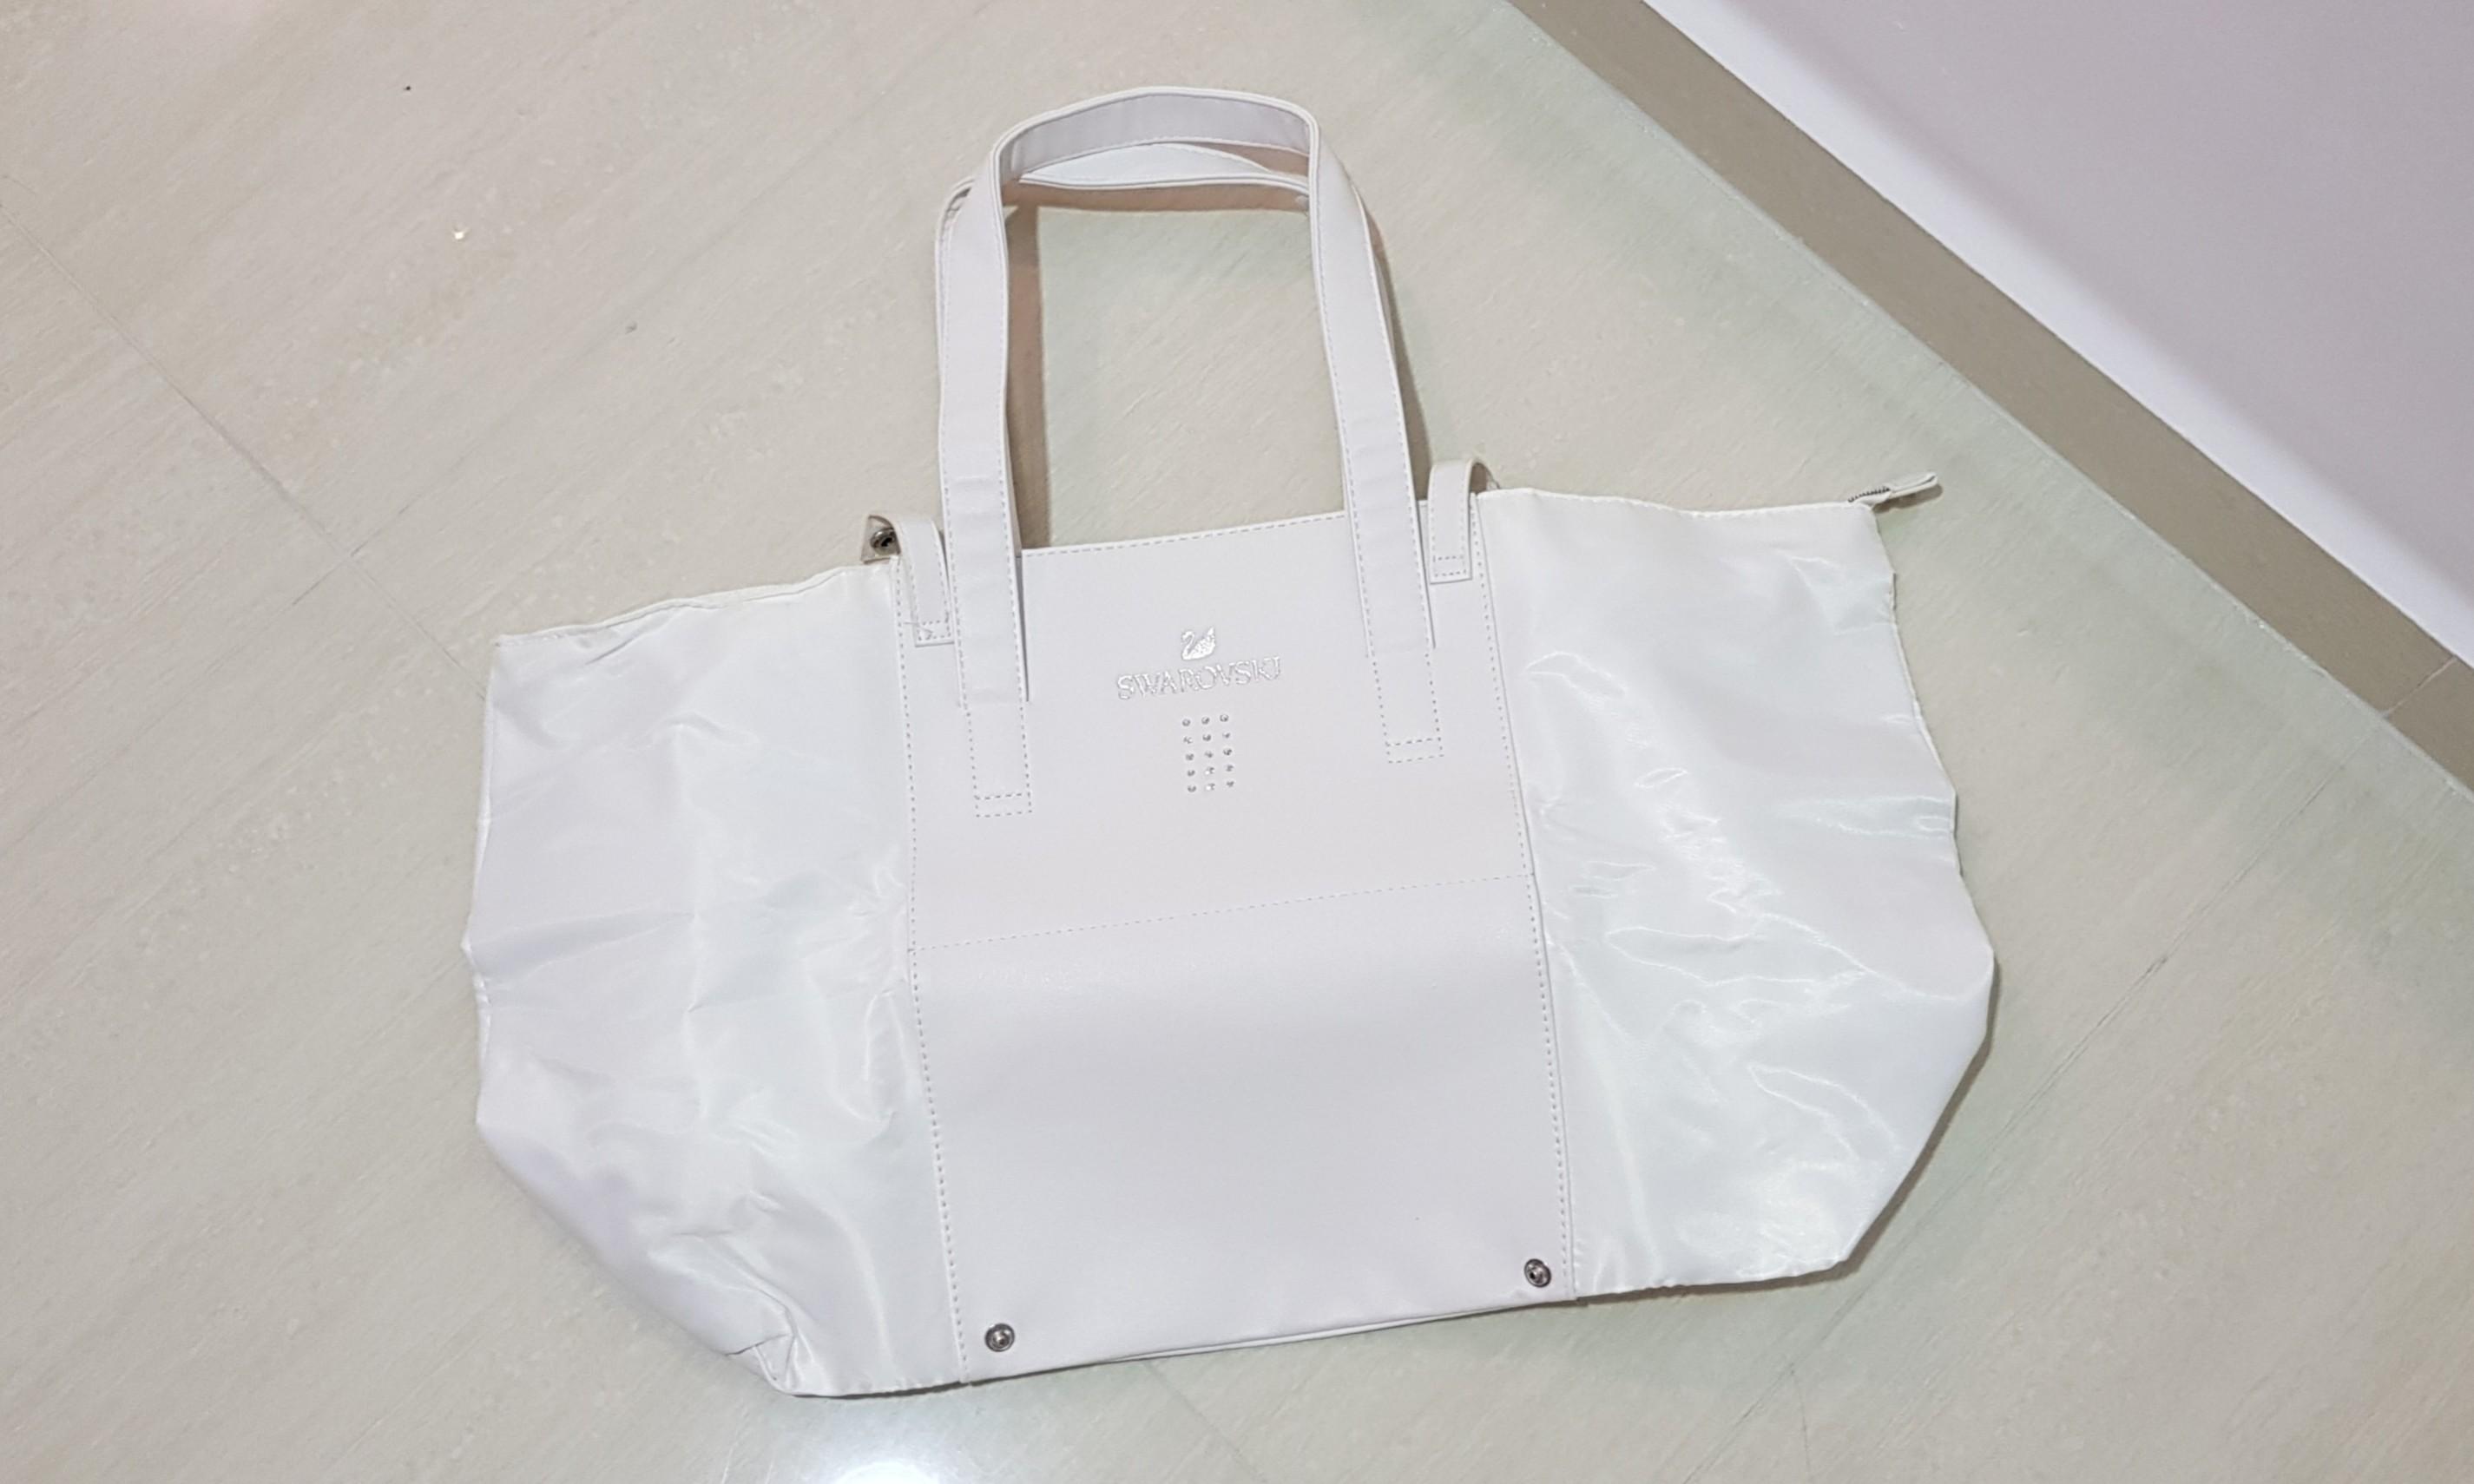 6294b61dd4c Swarovski crystal white tote bag, Women's Fashion, Bags & Wallets, Handbags  on Carousell